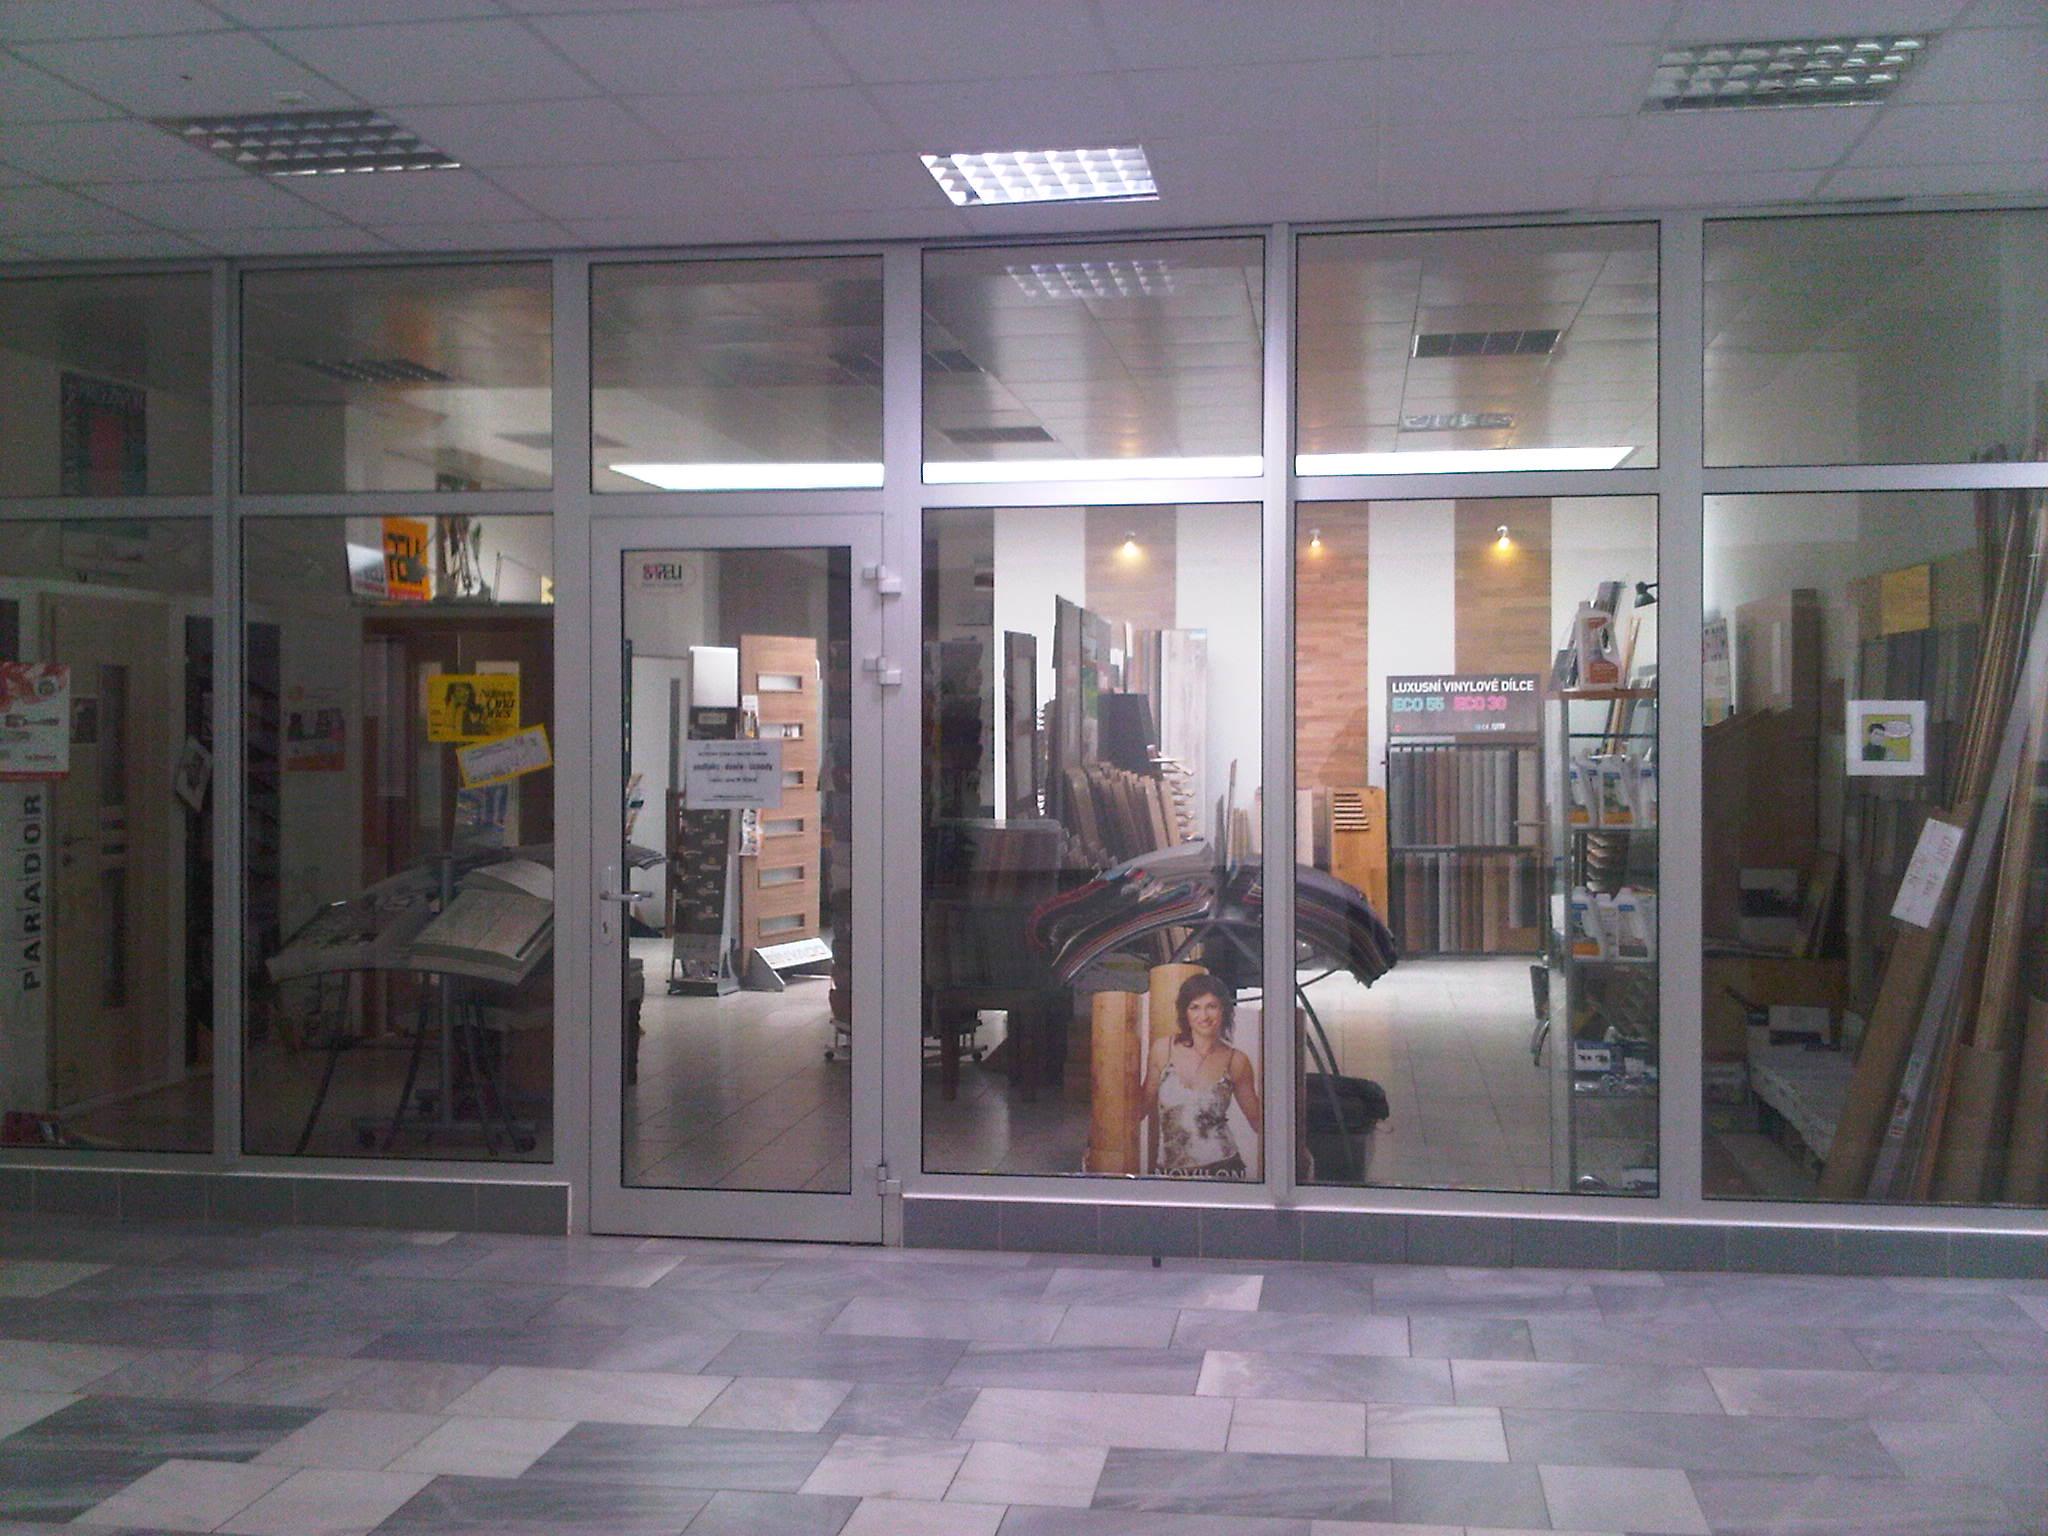 caf48e8b364 Obchodní centrum MAX » ADAMOSO podlahy